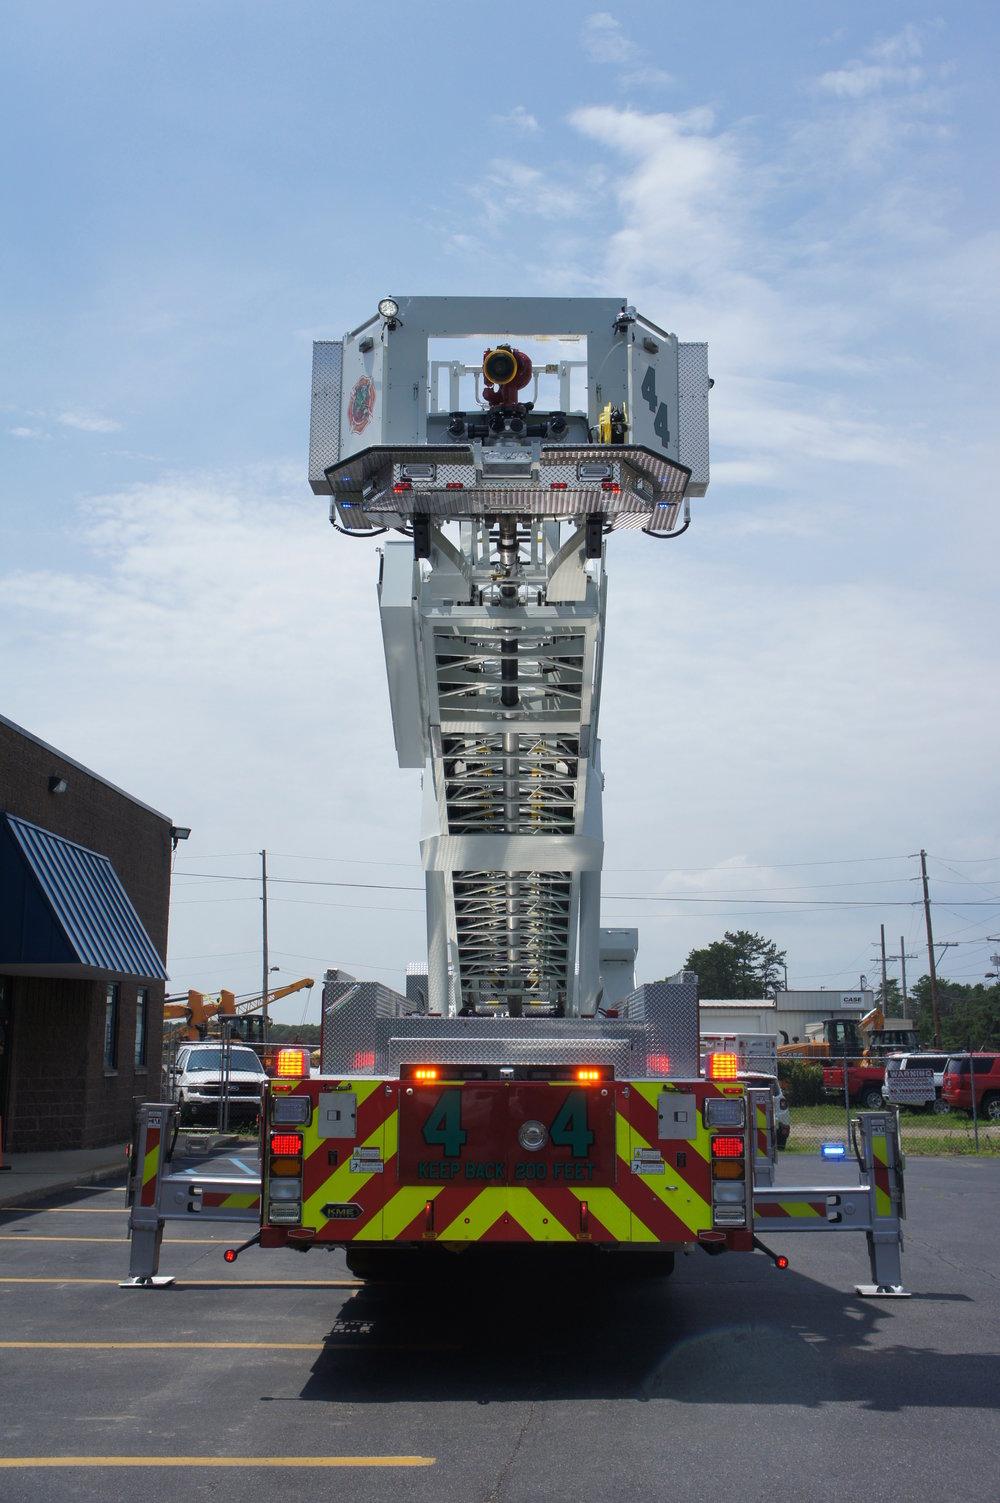 003-firetruck.jpg